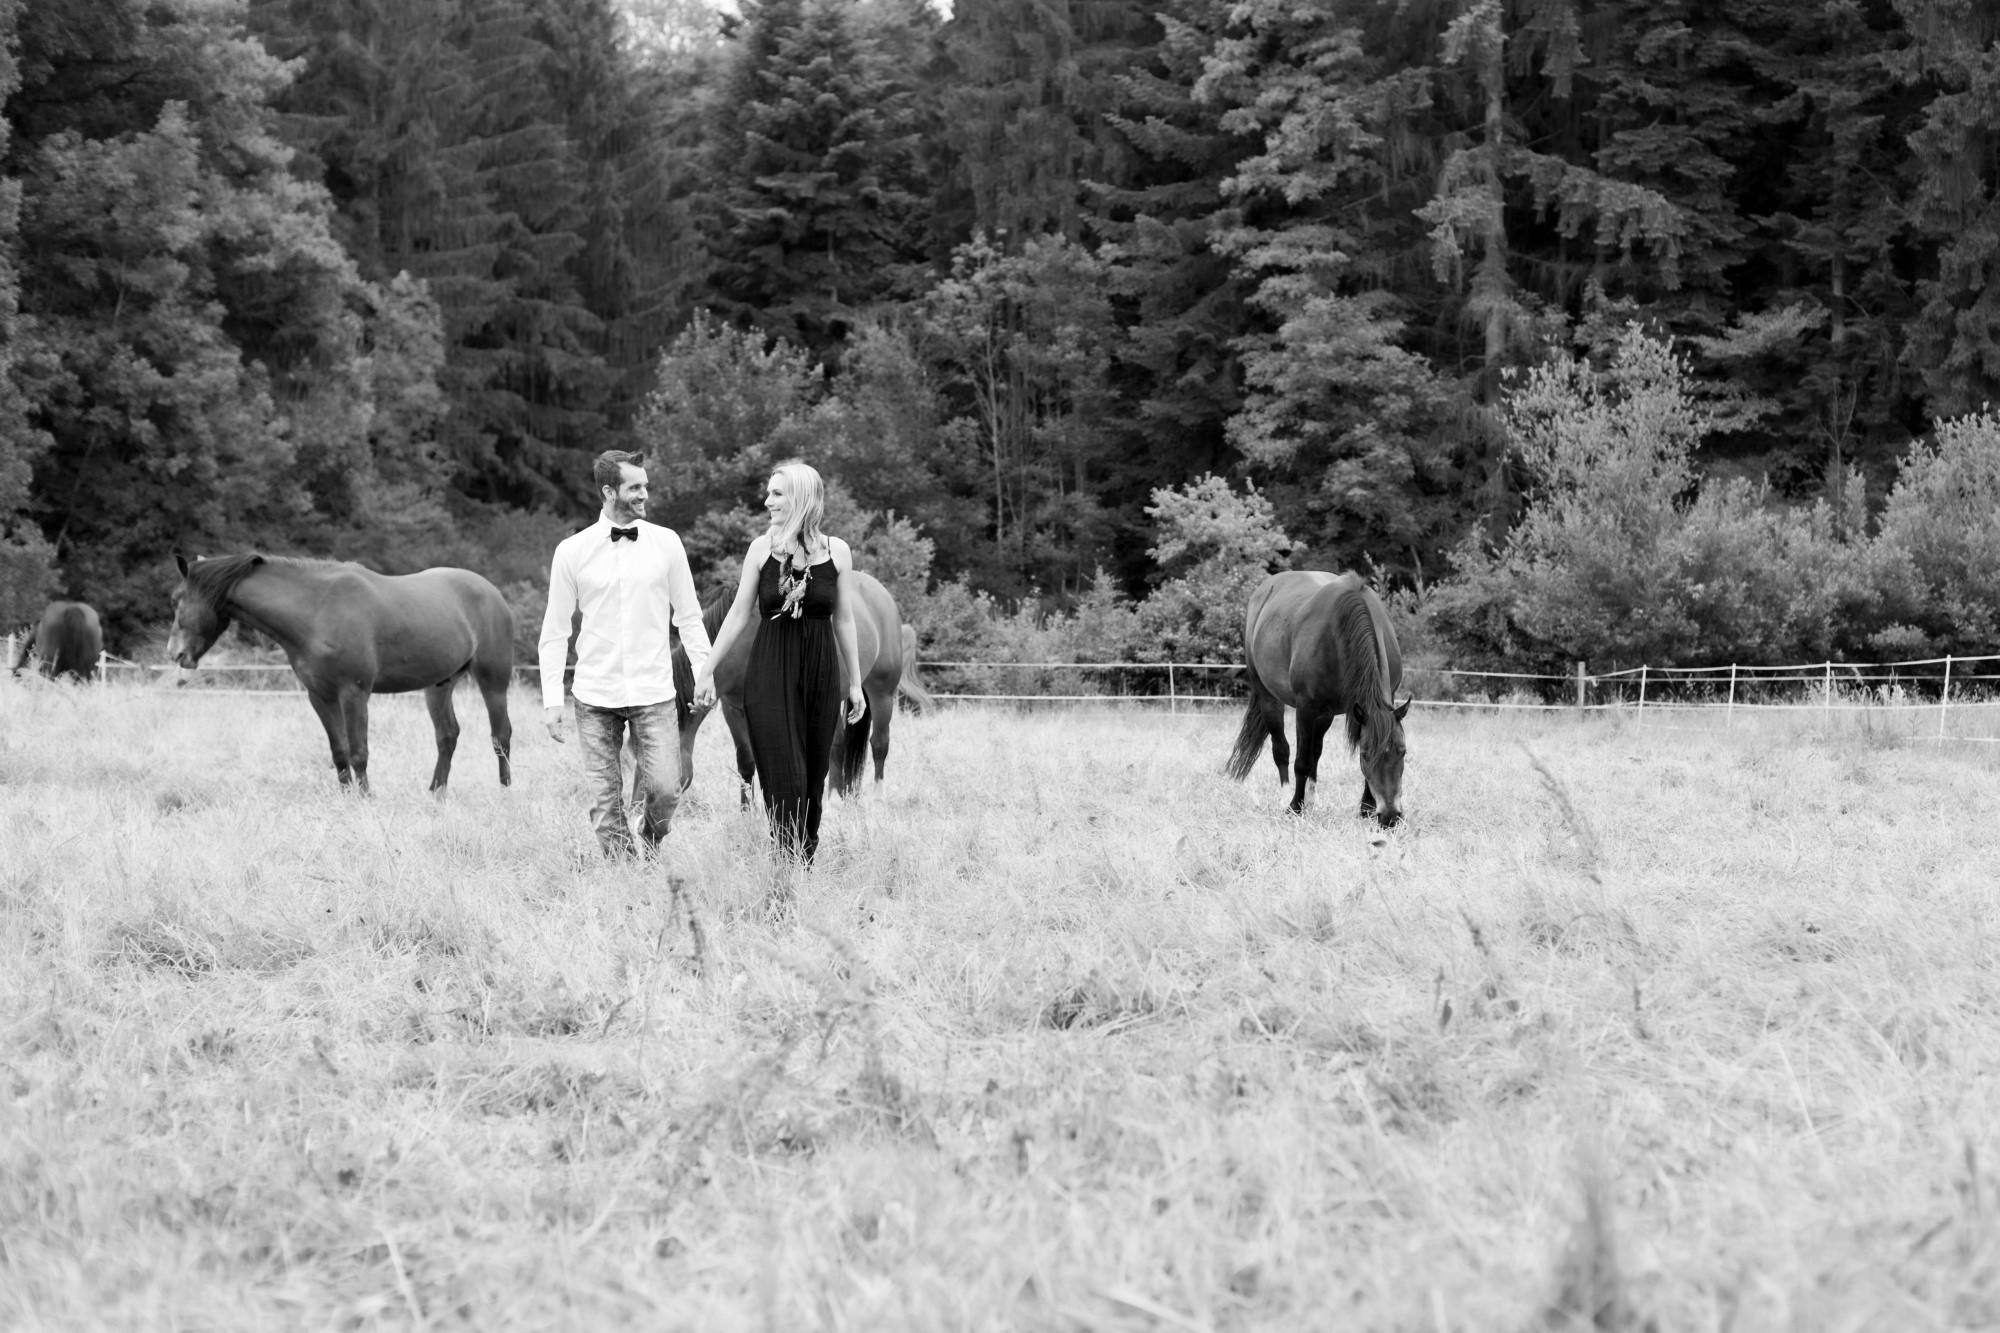 Verliebtes Paar spaziert über eine Pferdeweide